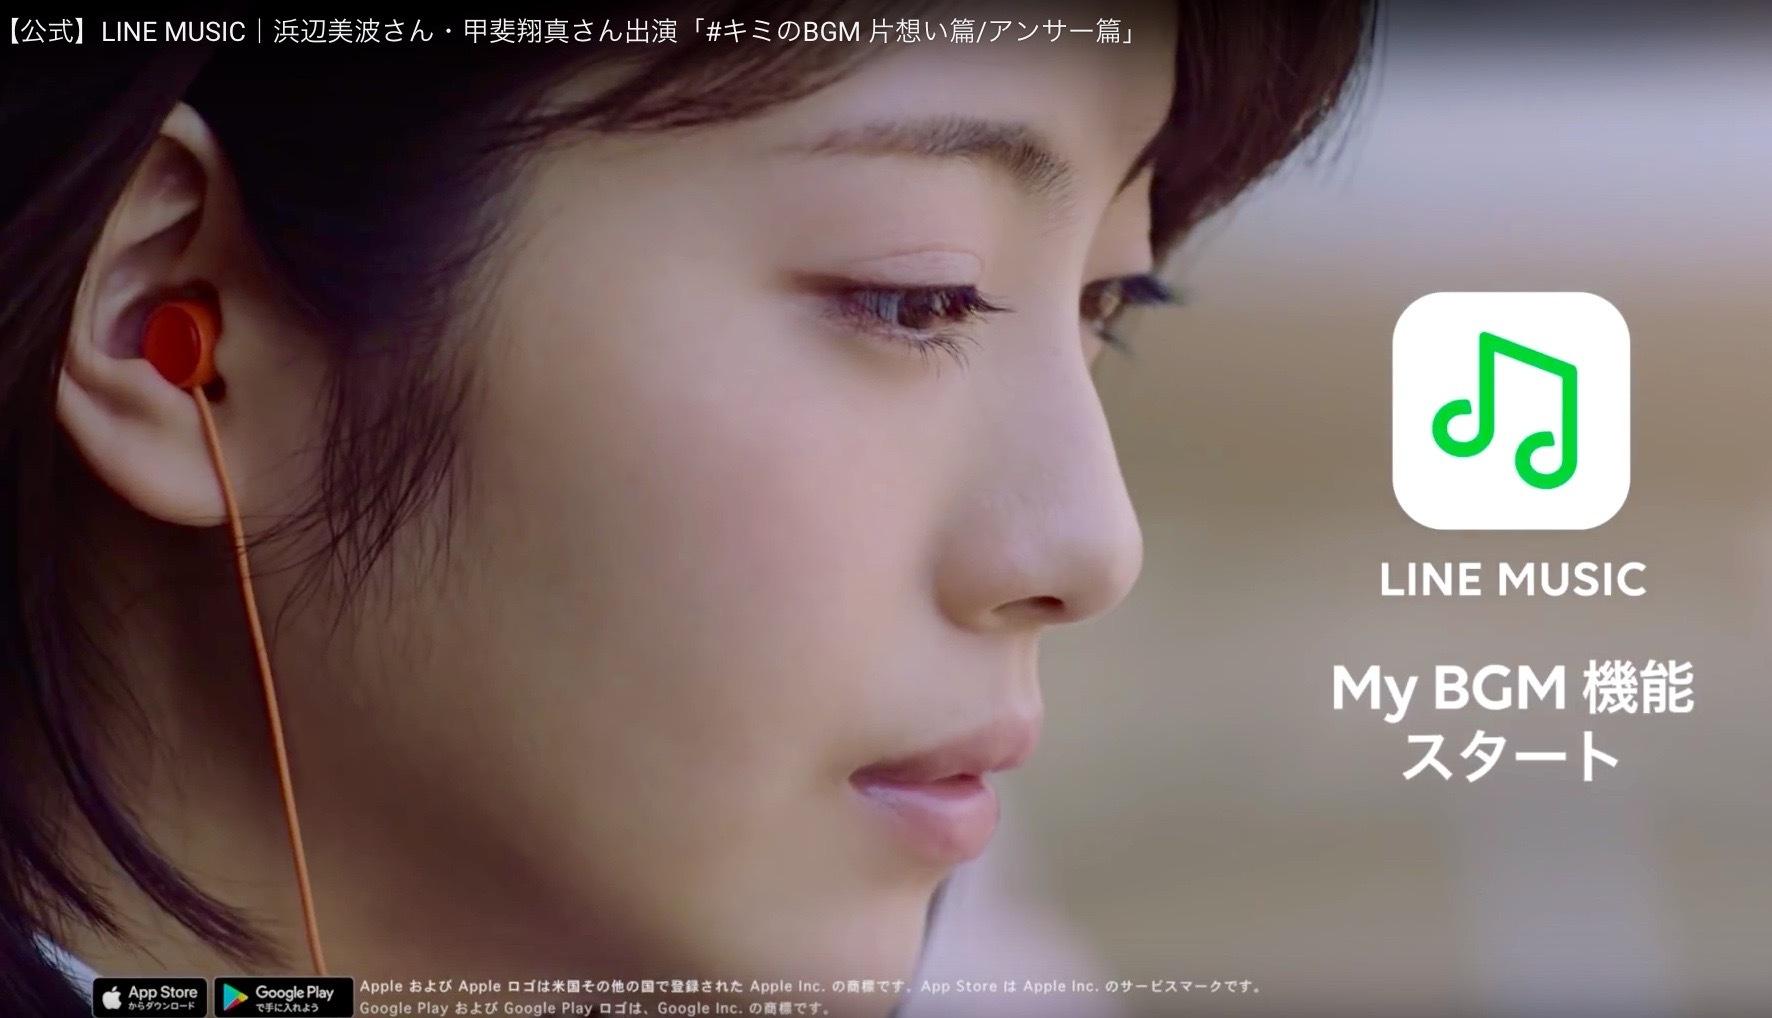 浜辺美波最強論linemusic新cm2018_5_5a